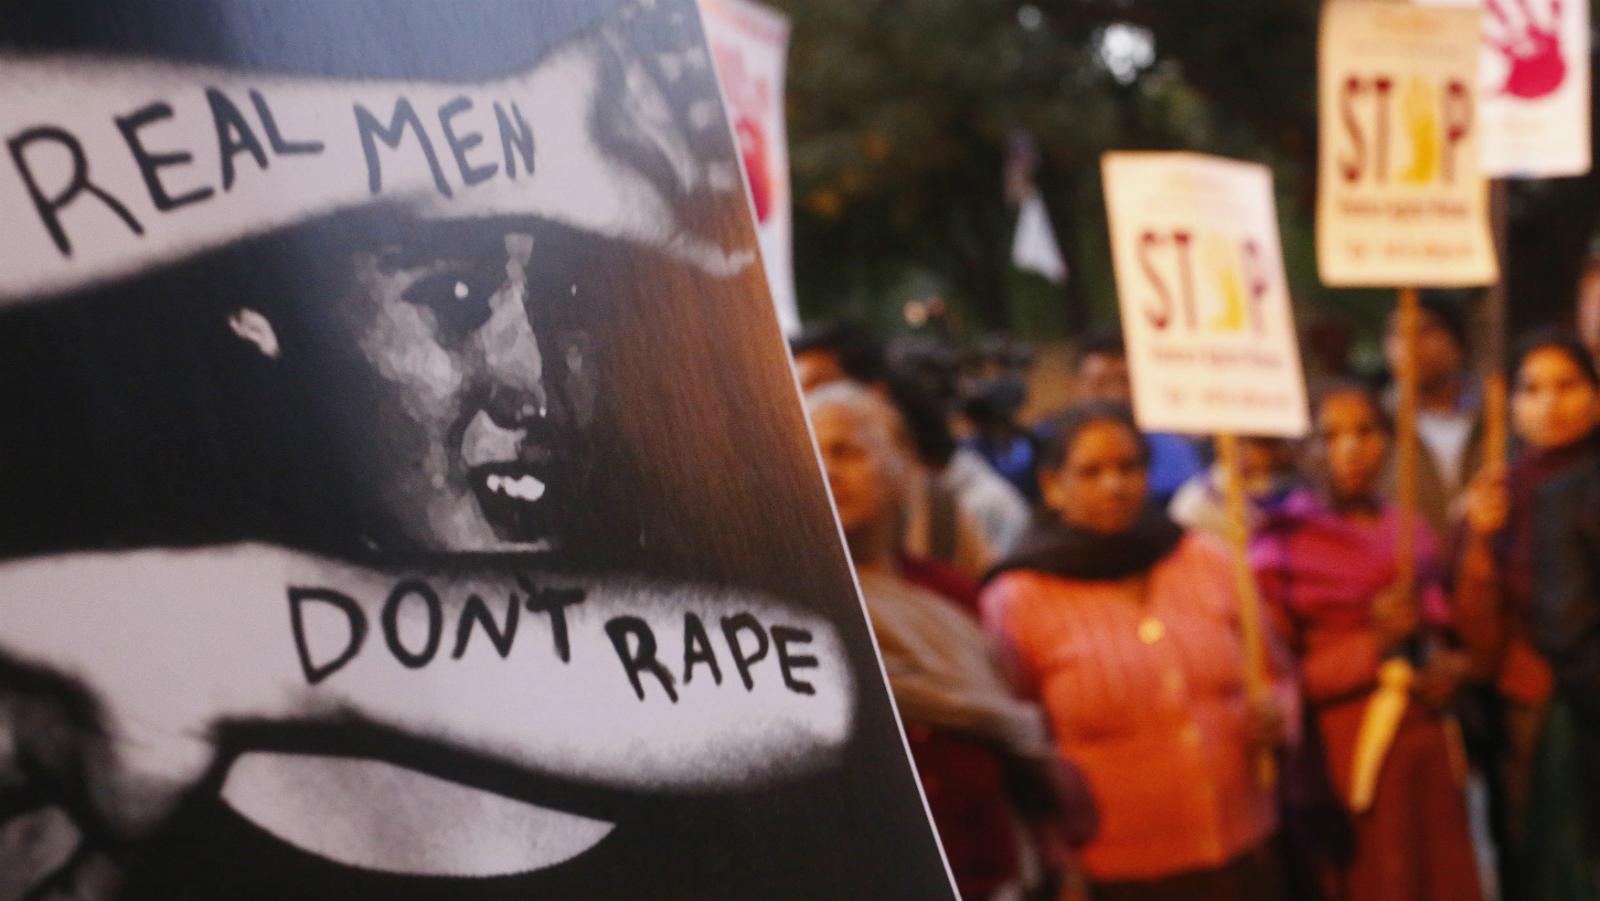 India-Rape-Women-Women safey-Rakshabandhan